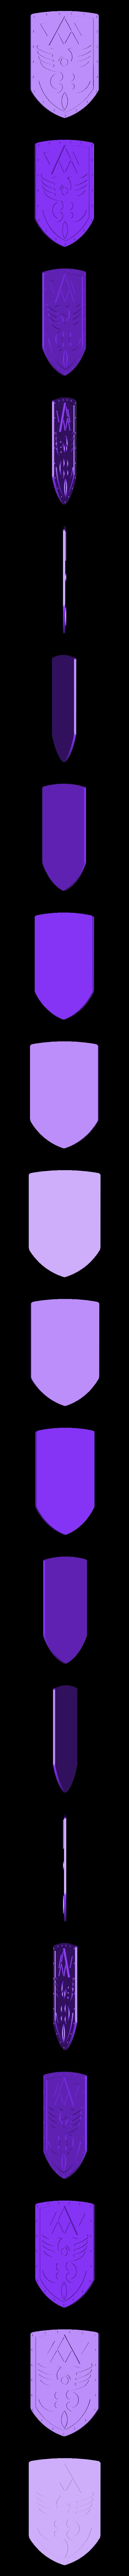 ALTTP-Shield.stl Télécharger fichier STL gratuit Zelda ALTTP Bouclier • Plan imprimable en 3D, Hoofbaugh